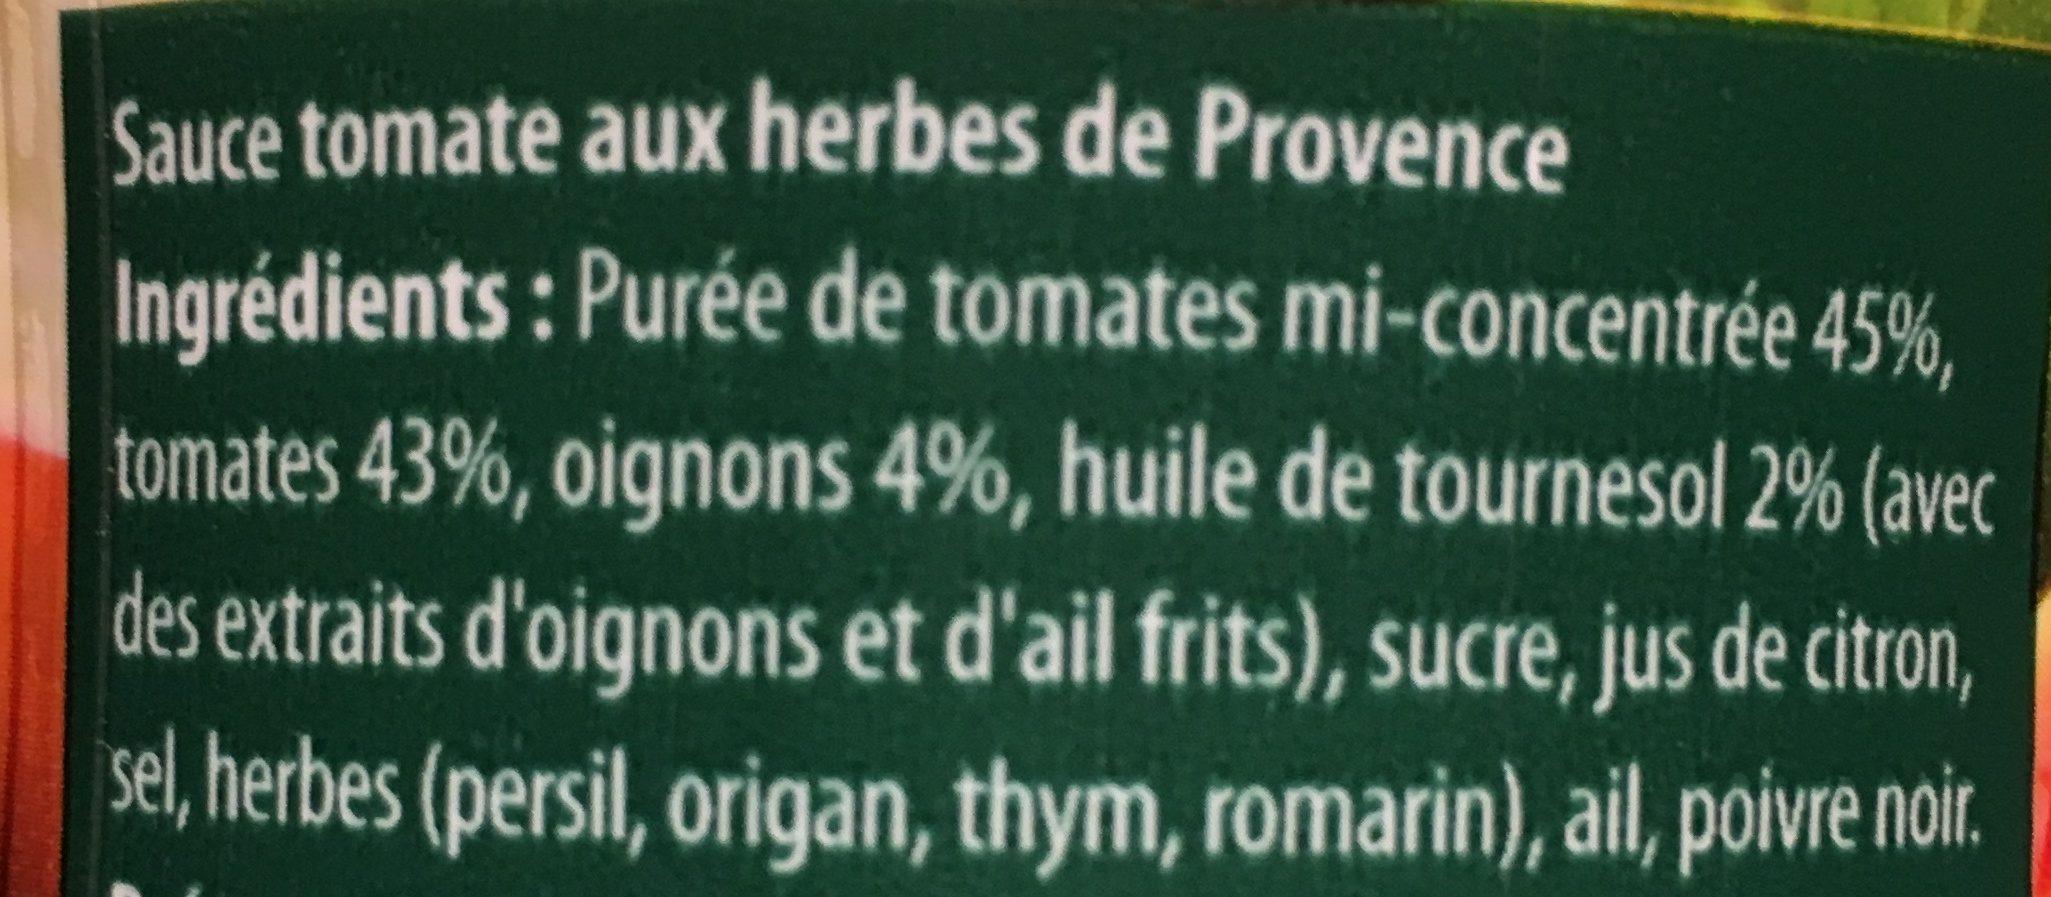 Sauce tomate provençale - Ingrédients